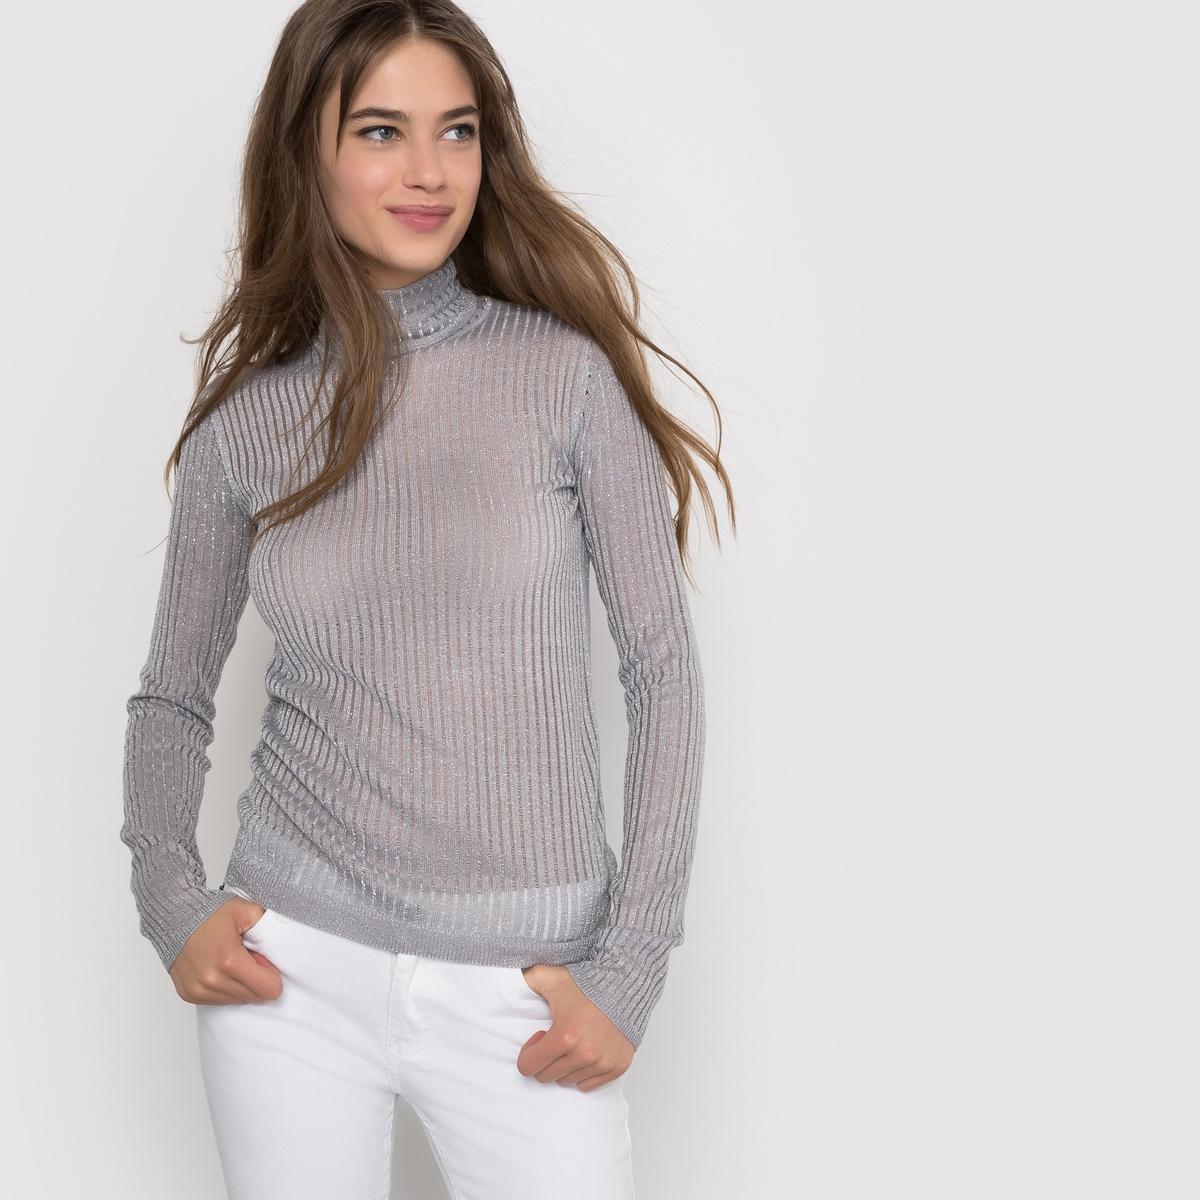 Облегающий пуловер в рубчик с металлизированными нитямиПуловер с длинным рукавом R ?dition. Очень облегающий и немного прозрачный изысканный пуловер в рубчик, с металлизированными нитями, воротник хомут.Состав и описание :Длина : 59 смМатериал : 95% акрила, 5% металлизированных нитейМарка :      R ?ditionУходСтирка при 30° с одеждой подобного цвета Не гладить<br><br>Цвет: красно-фиолетовый,светло-серый металл<br>Размер: 38 (FR) - 44 (RUS).48 (FR) - 54 (RUS).40 (FR) - 46 (RUS).42 (FR) - 48 (RUS).42 (FR) - 48 (RUS)